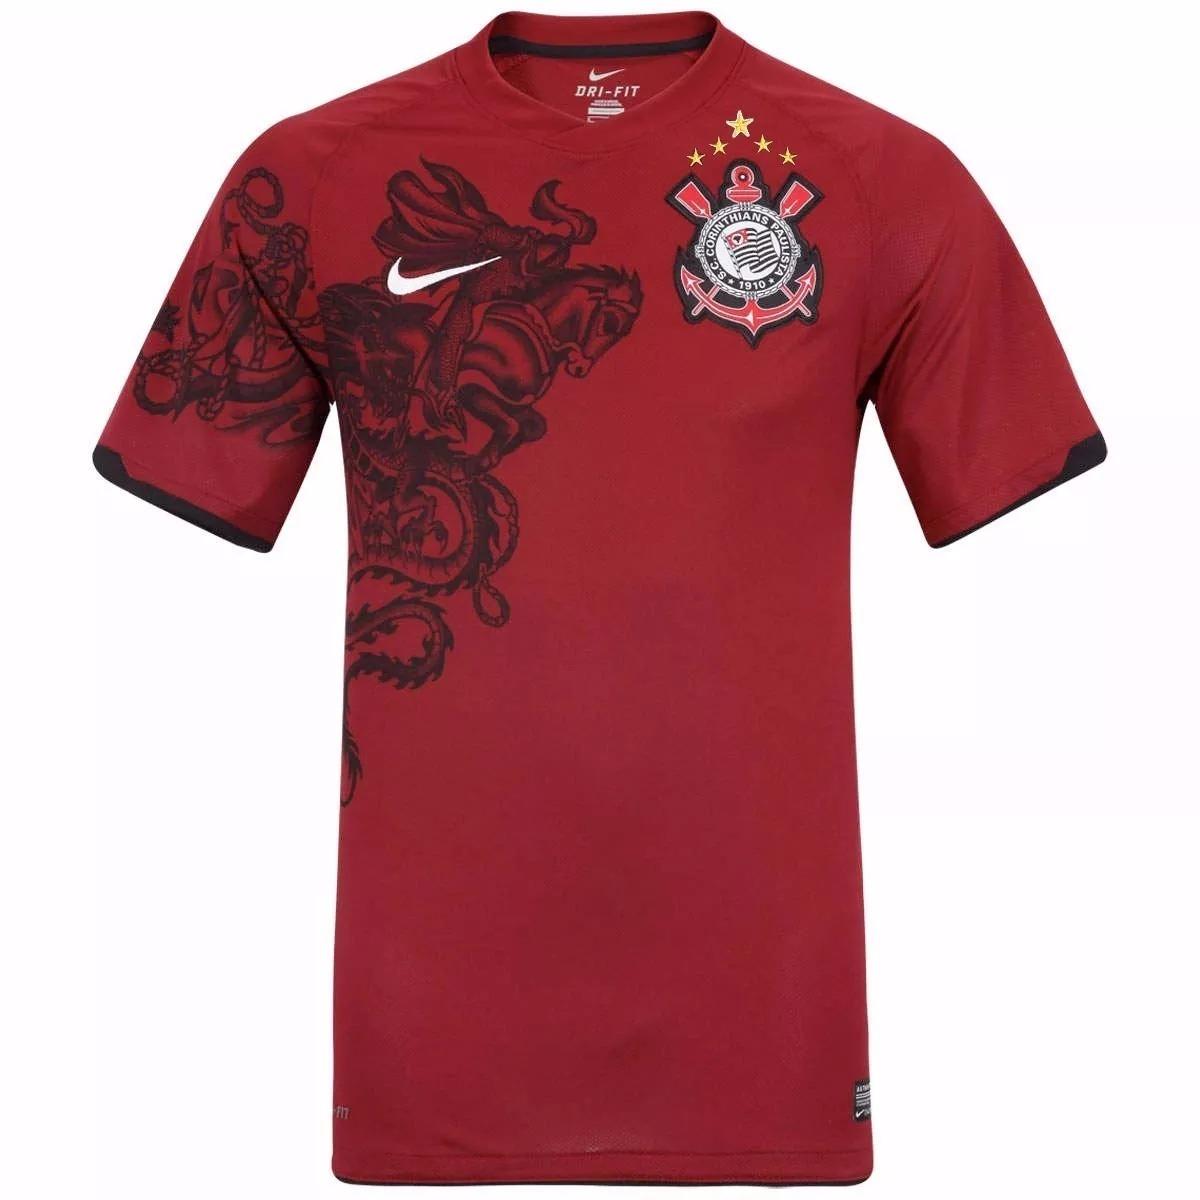 6e7aa917da2b9 Camisa Corinthians Grená Campeão 2011 Nike Histórica - 72 - R  199 ...